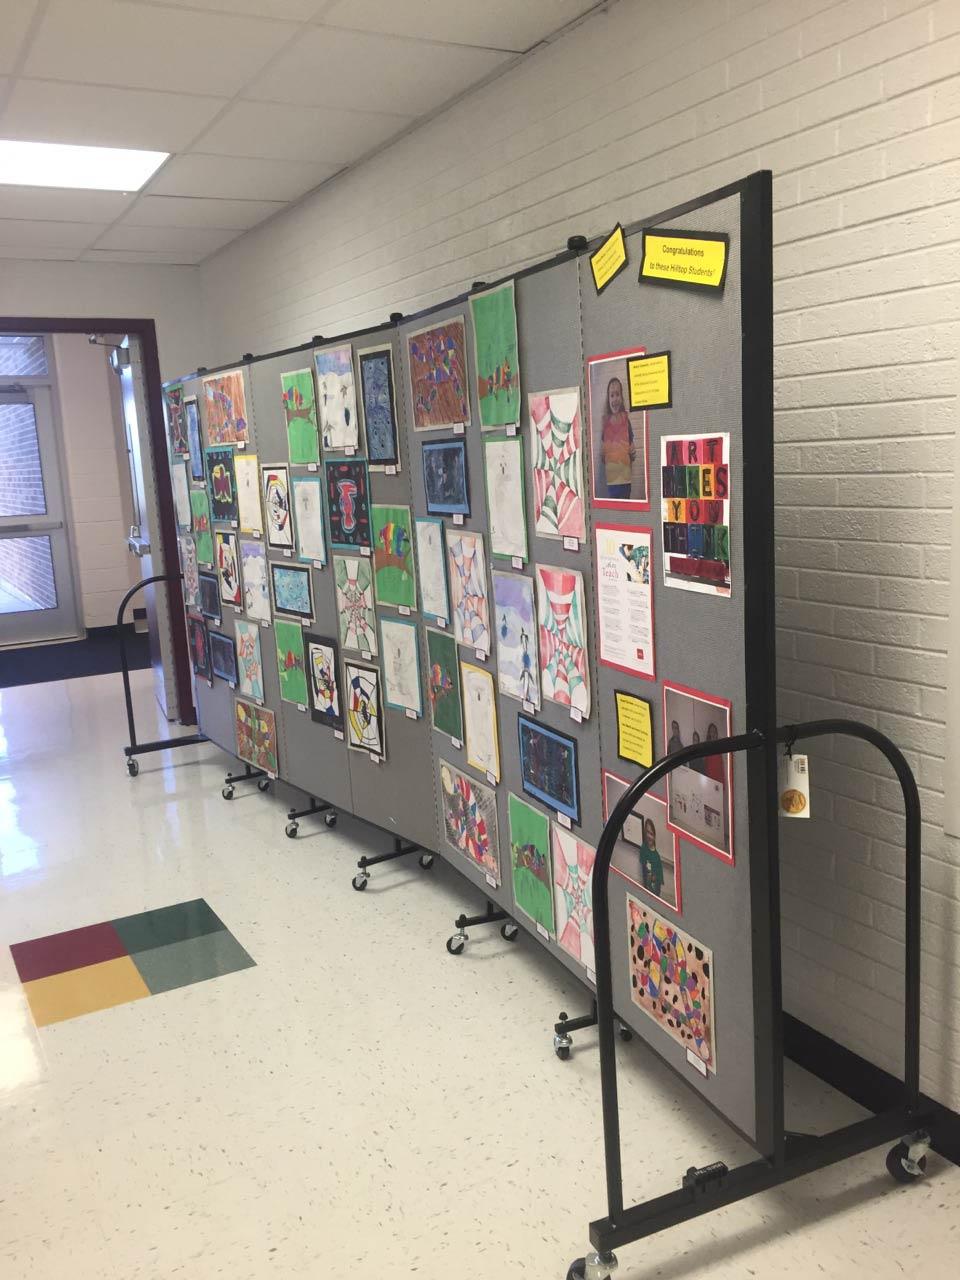 Tackable walls display artwork in a school hallway